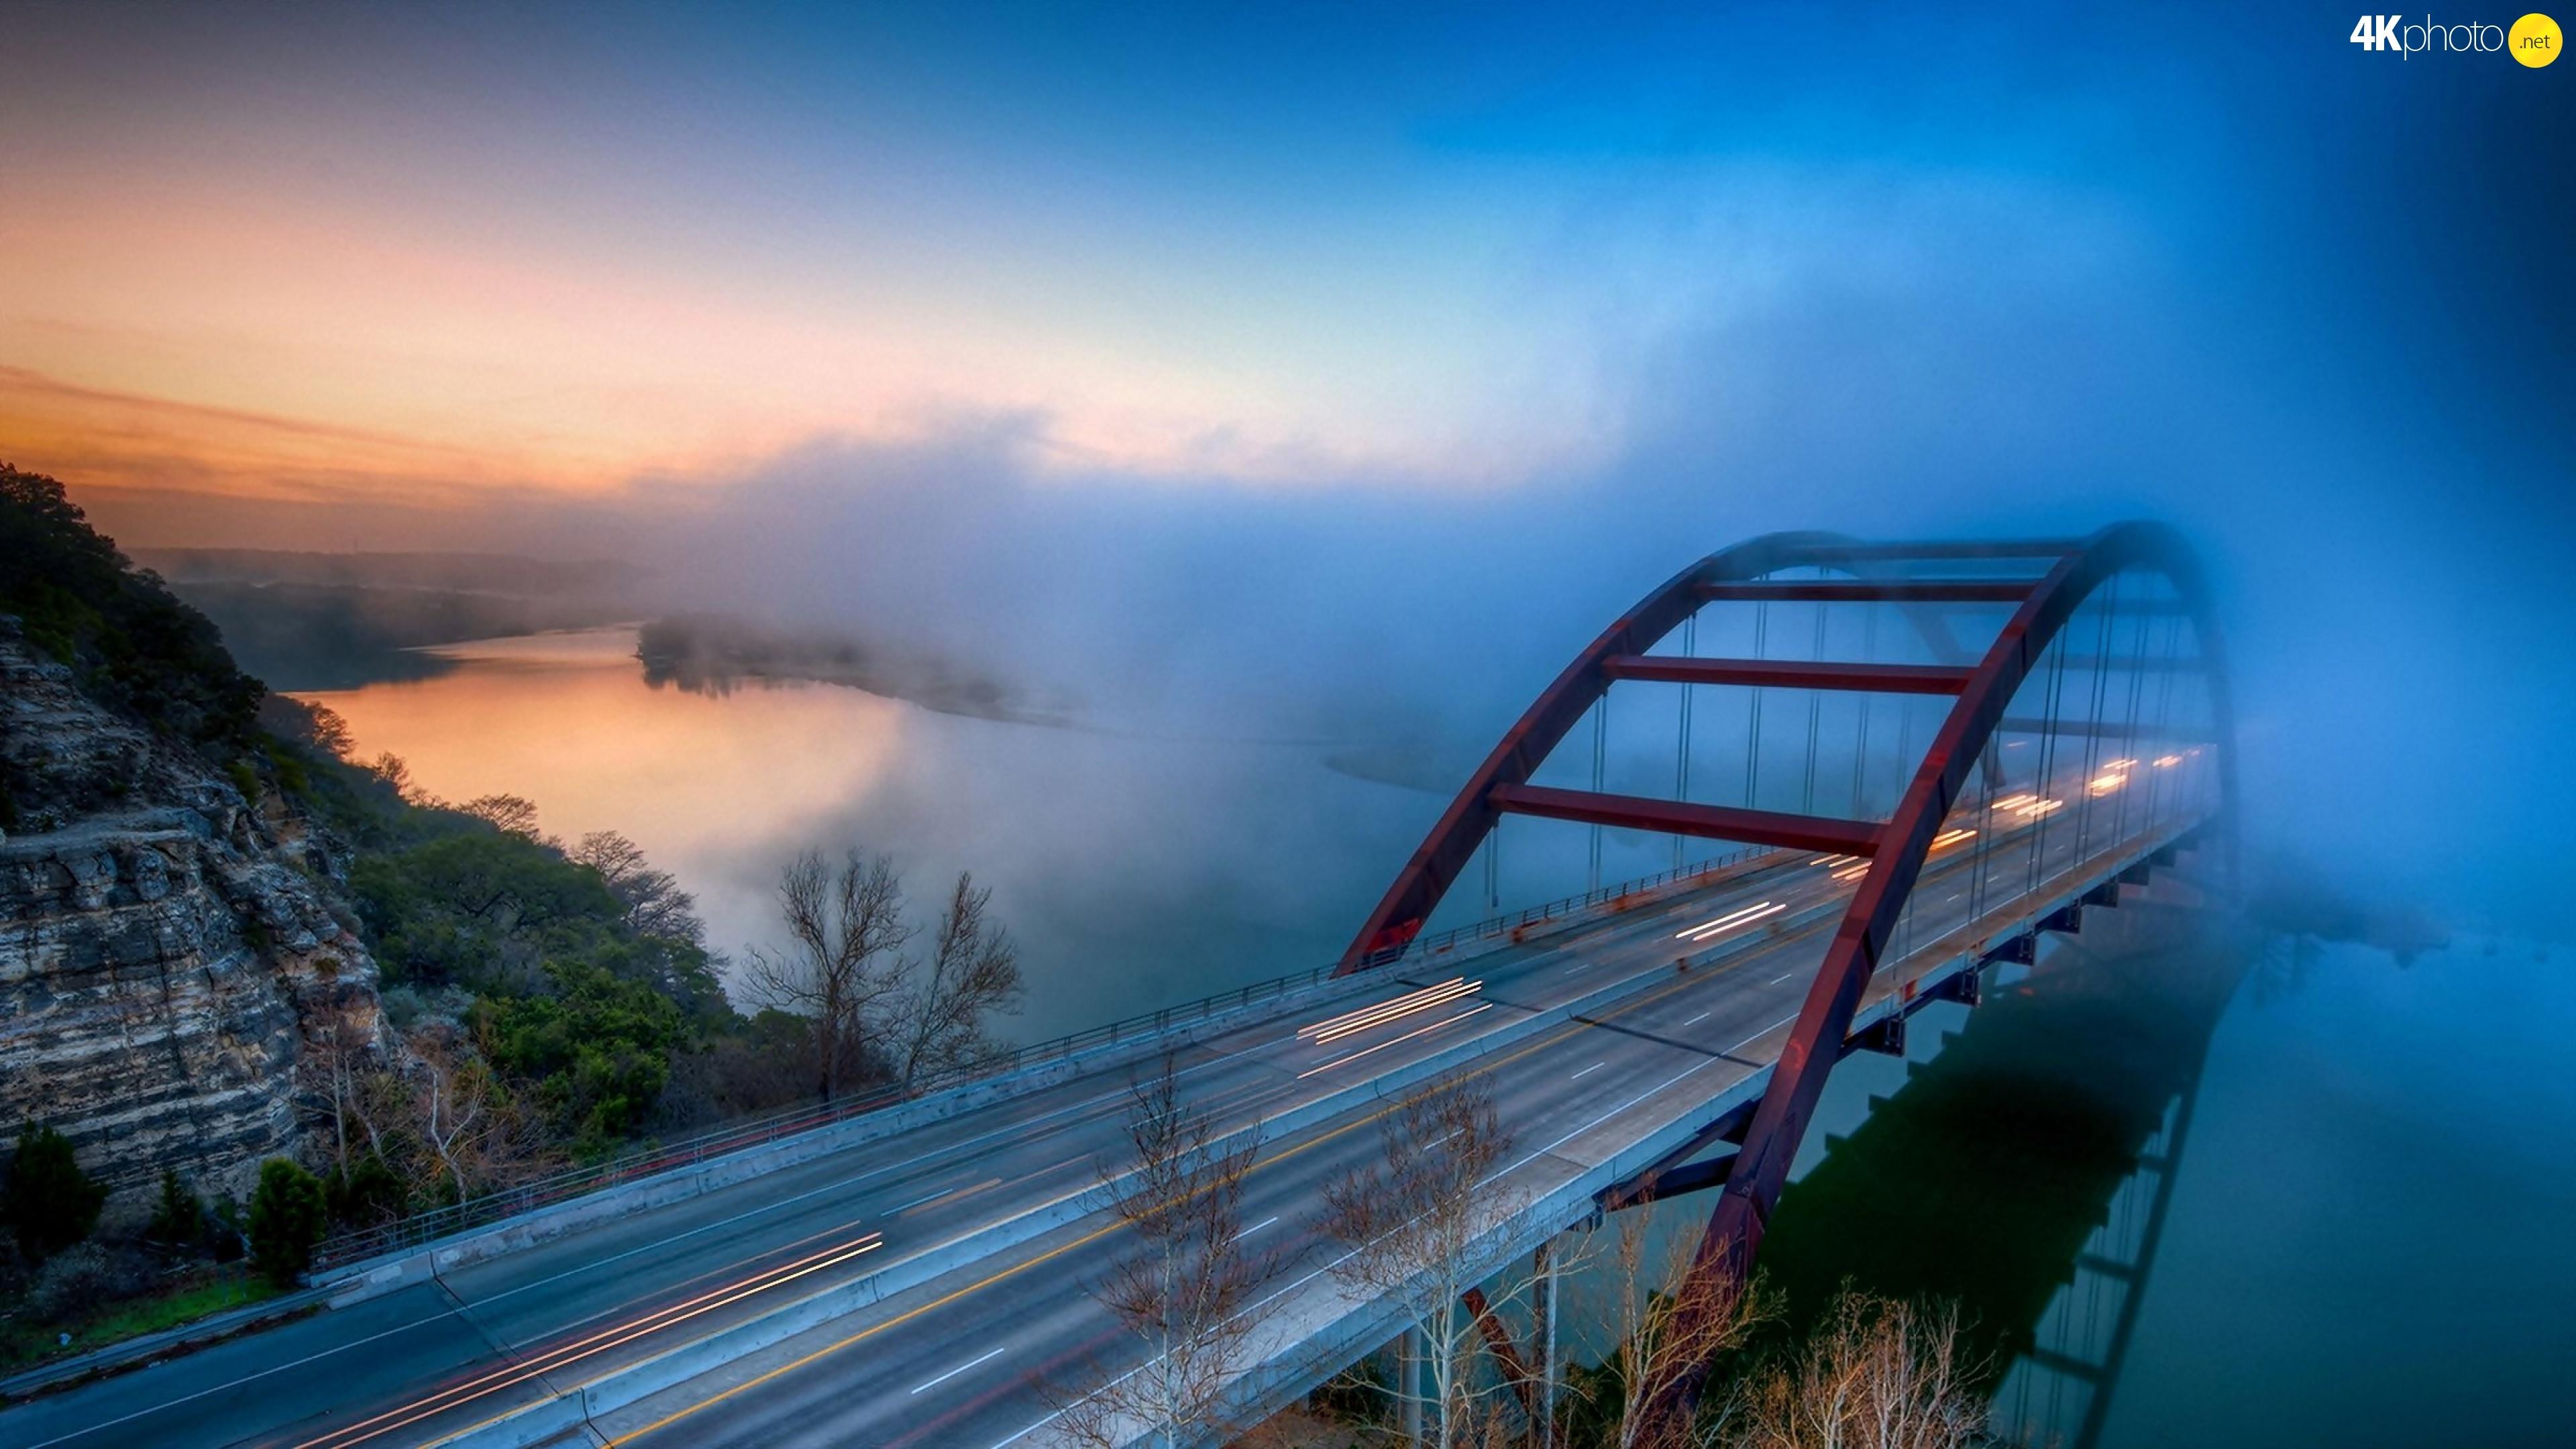 река мост город без регистрации